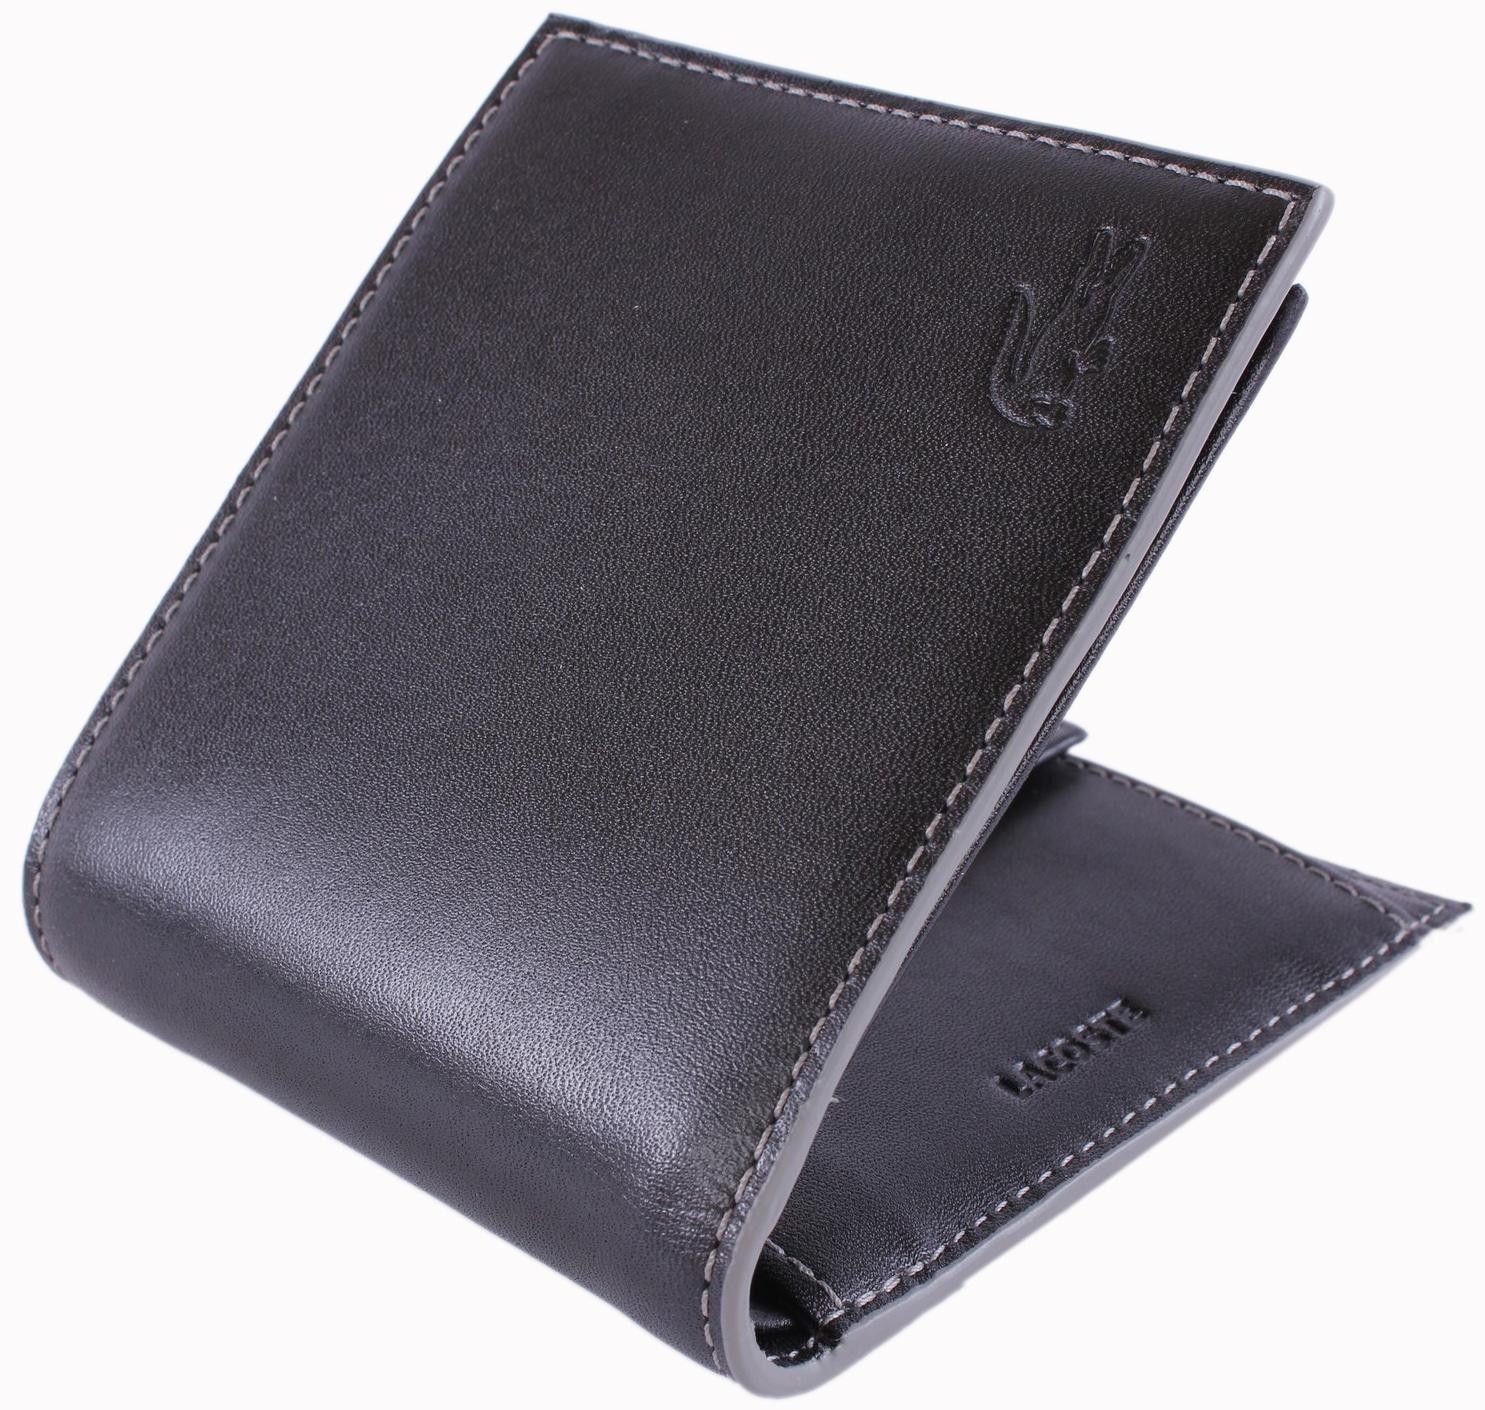 e44089fa5 Lacoste Wallet - Black Small Bifold Wallet  Lacoste  Mens  Wallet ...